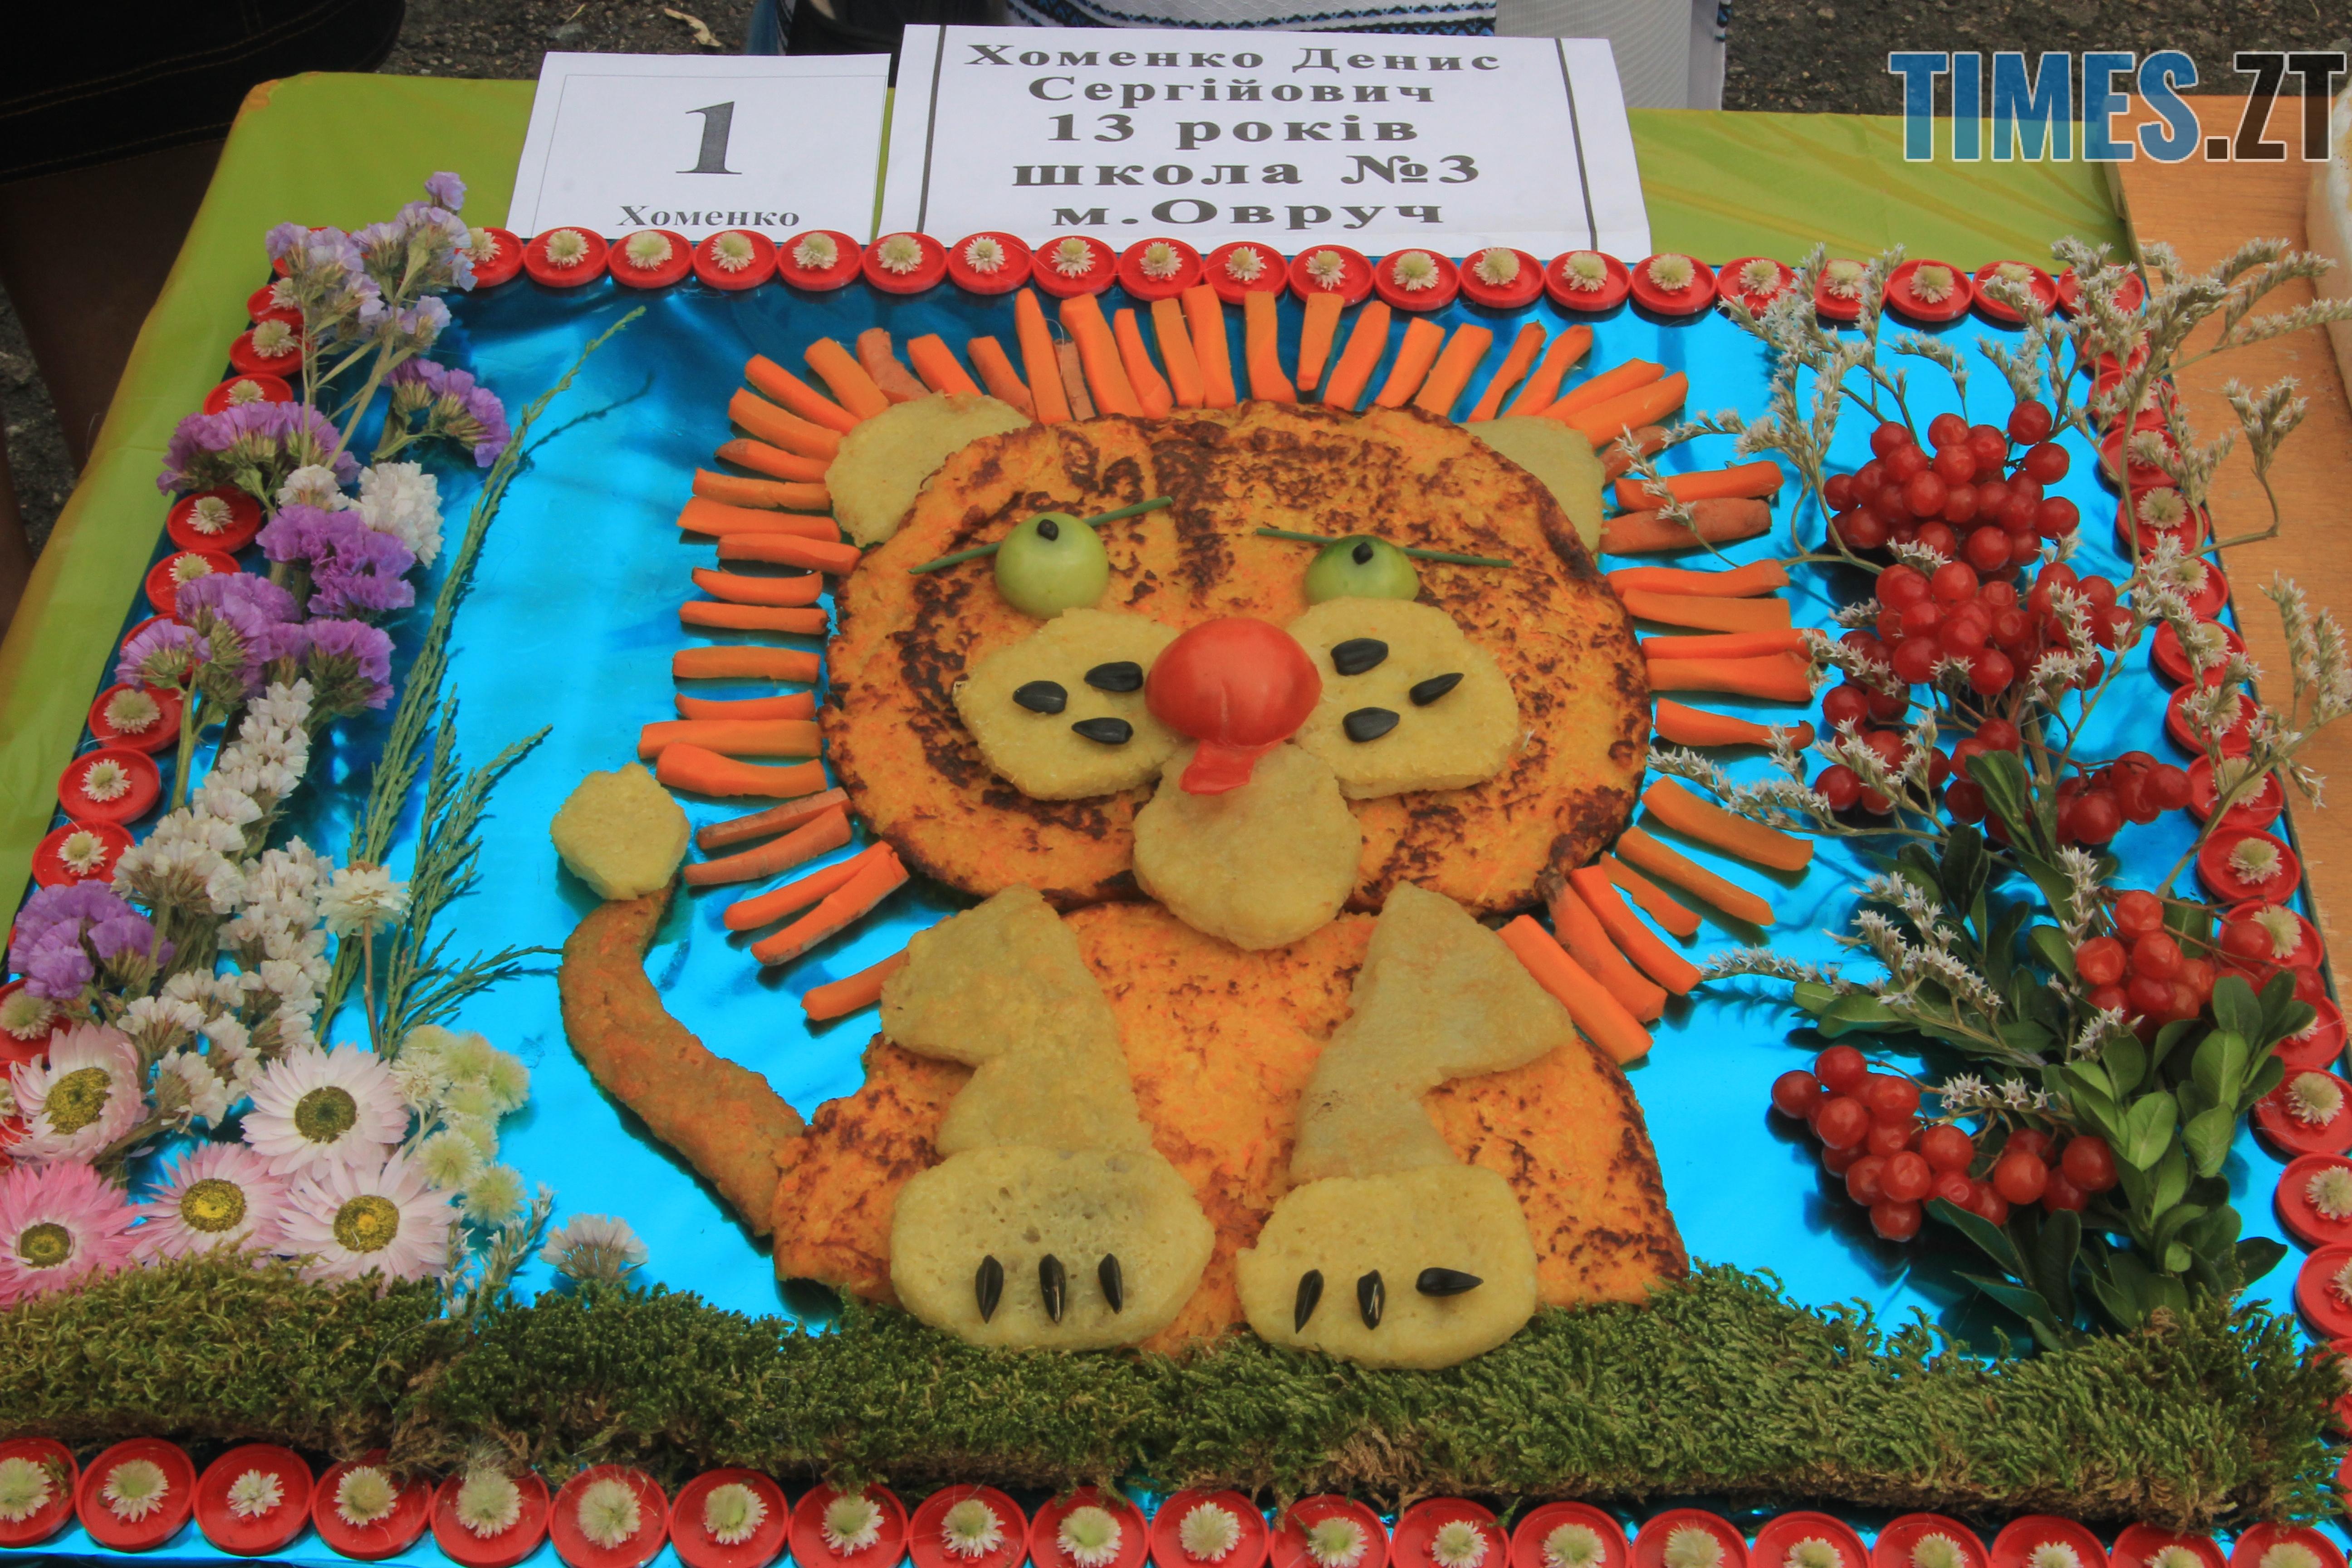 IMG 7567 - Десятий фестиваль дерунів: насмажили чимало, показали найбільшого в країні і побили ним всі рекорди (ФОТОРЕПОРТАЖ)